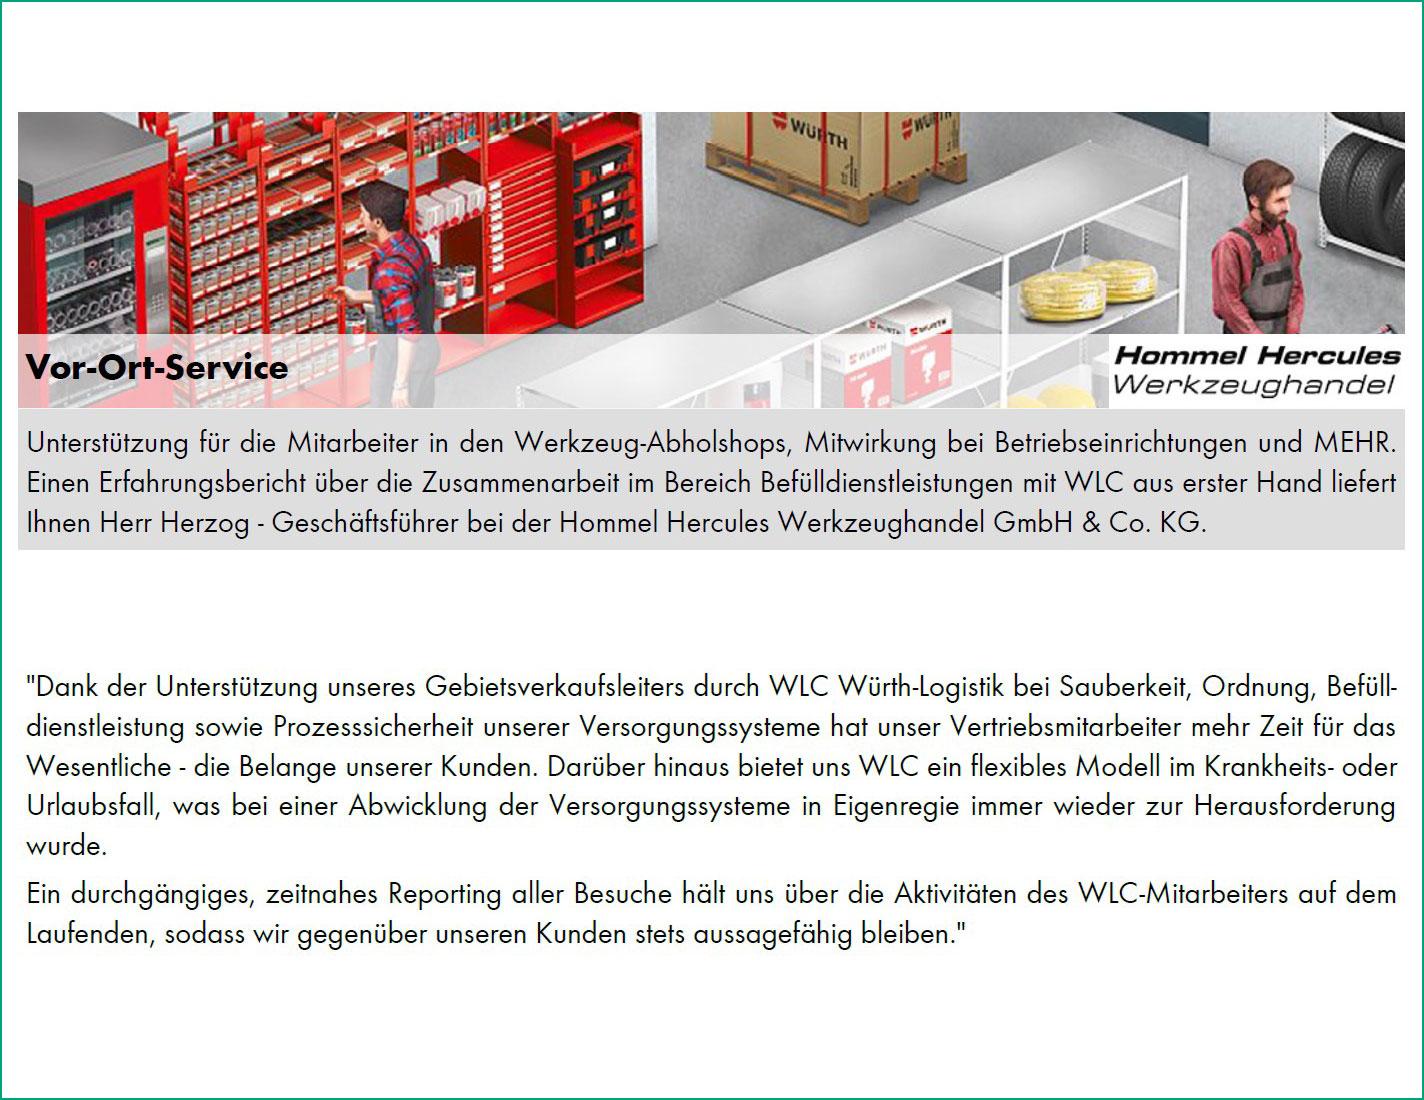 Vor-Ort-Service von Hommel Hercules Werkzeughandel GmbH & Co. KG